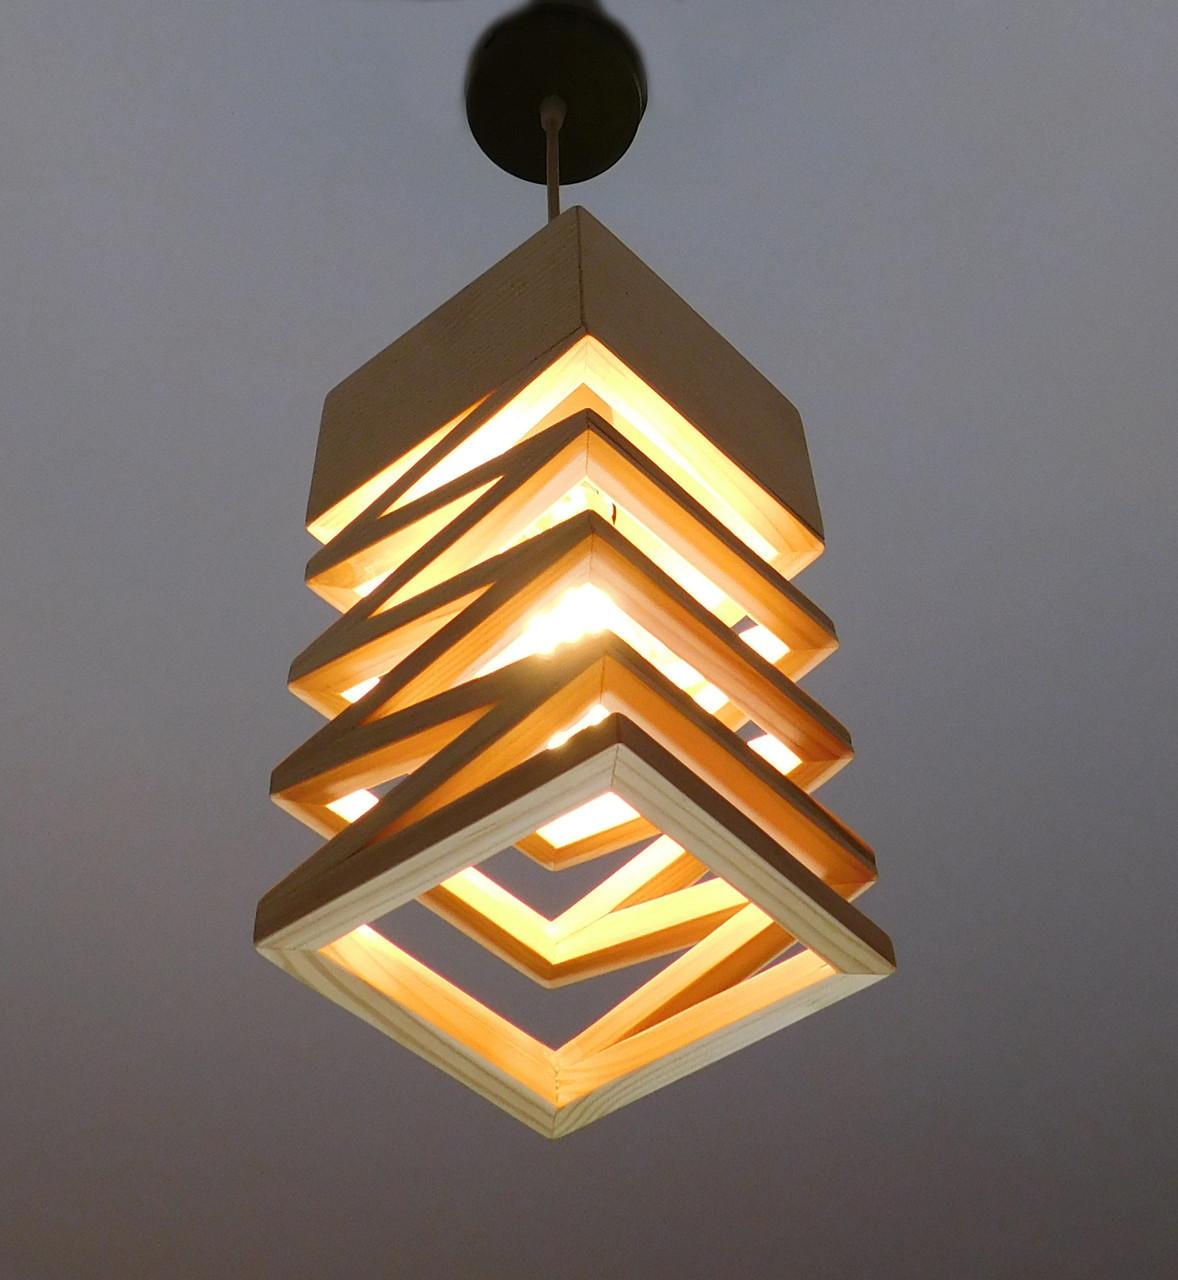 подвесной светильник из первосортного дерева текстуры дерева современный стиль натуральное дерево Loft